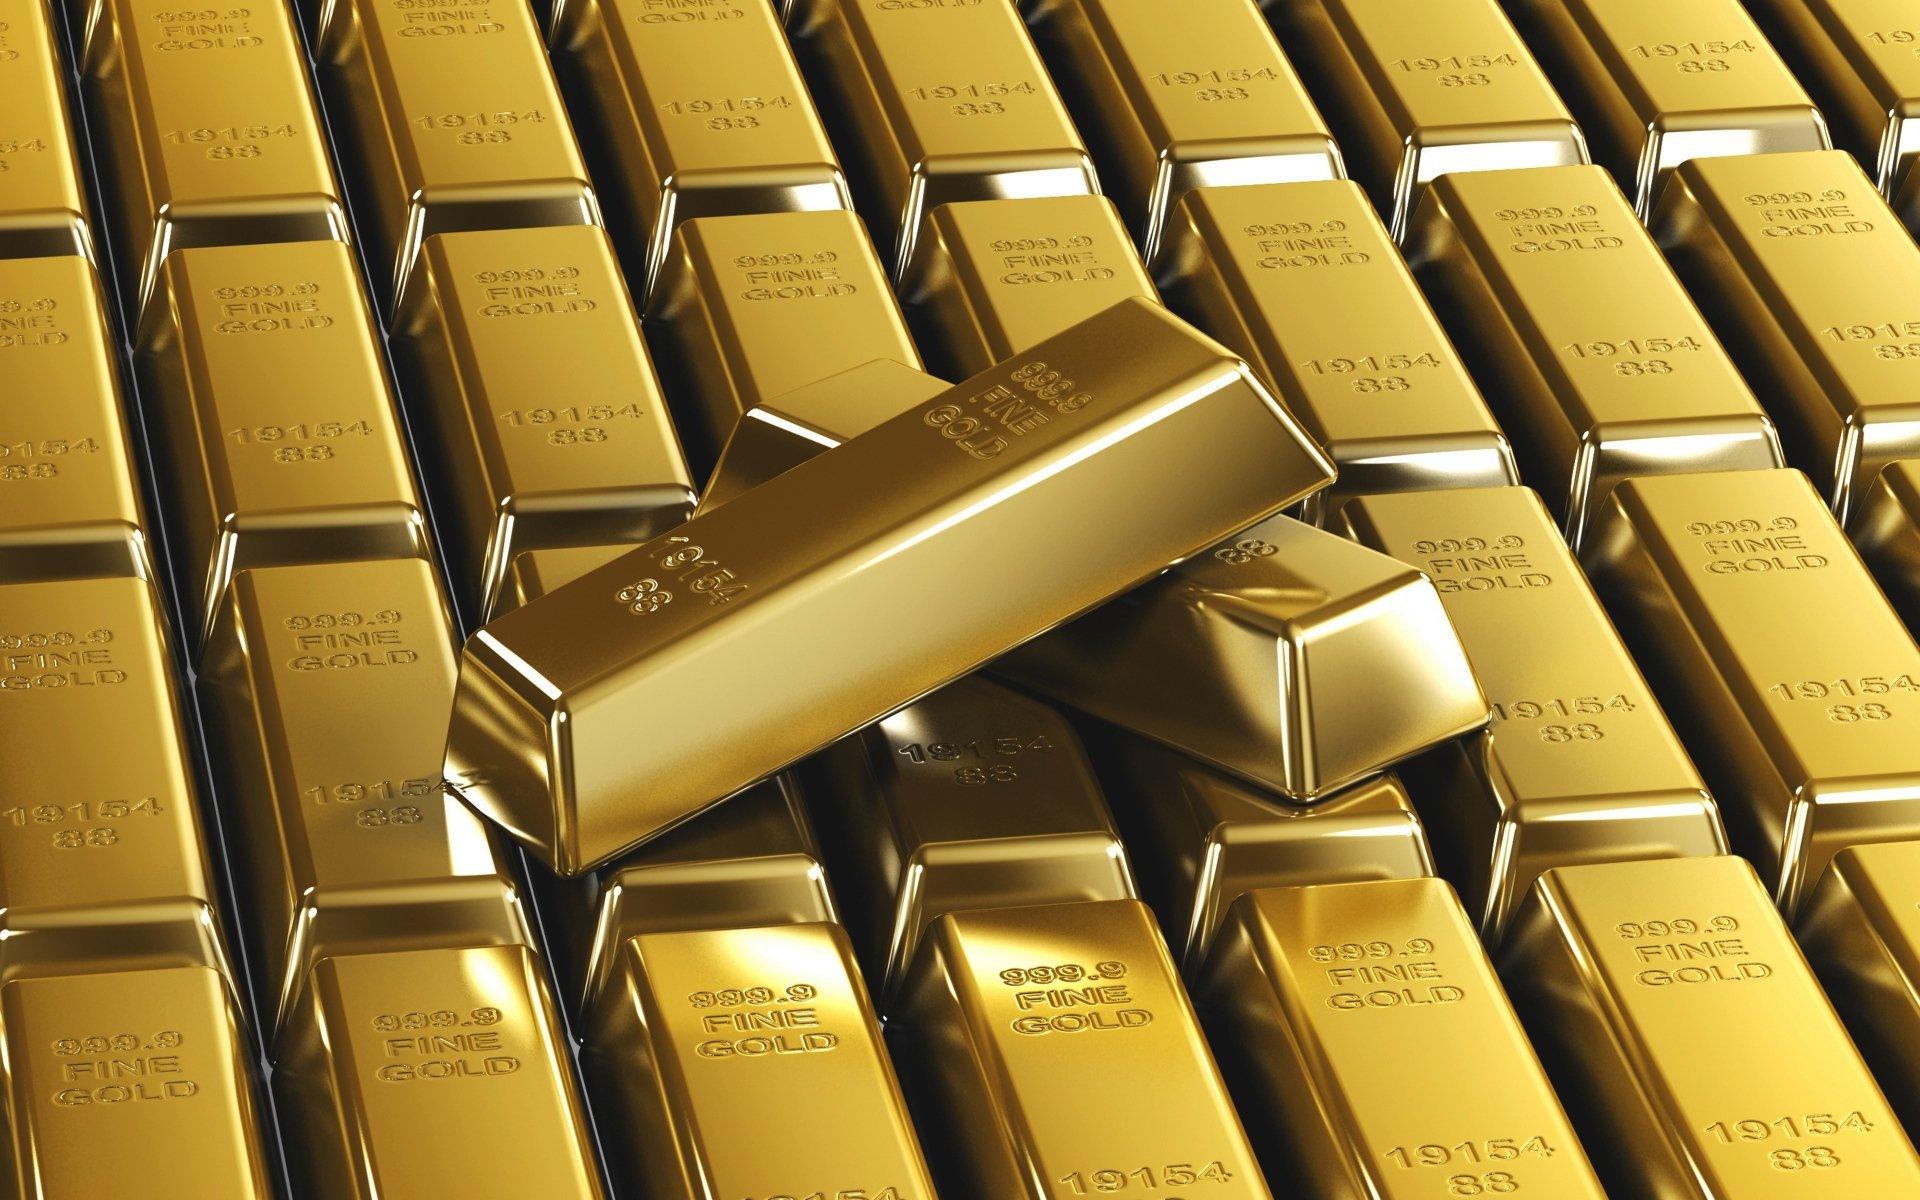 Золотые слитки, золото, gold, обои hd